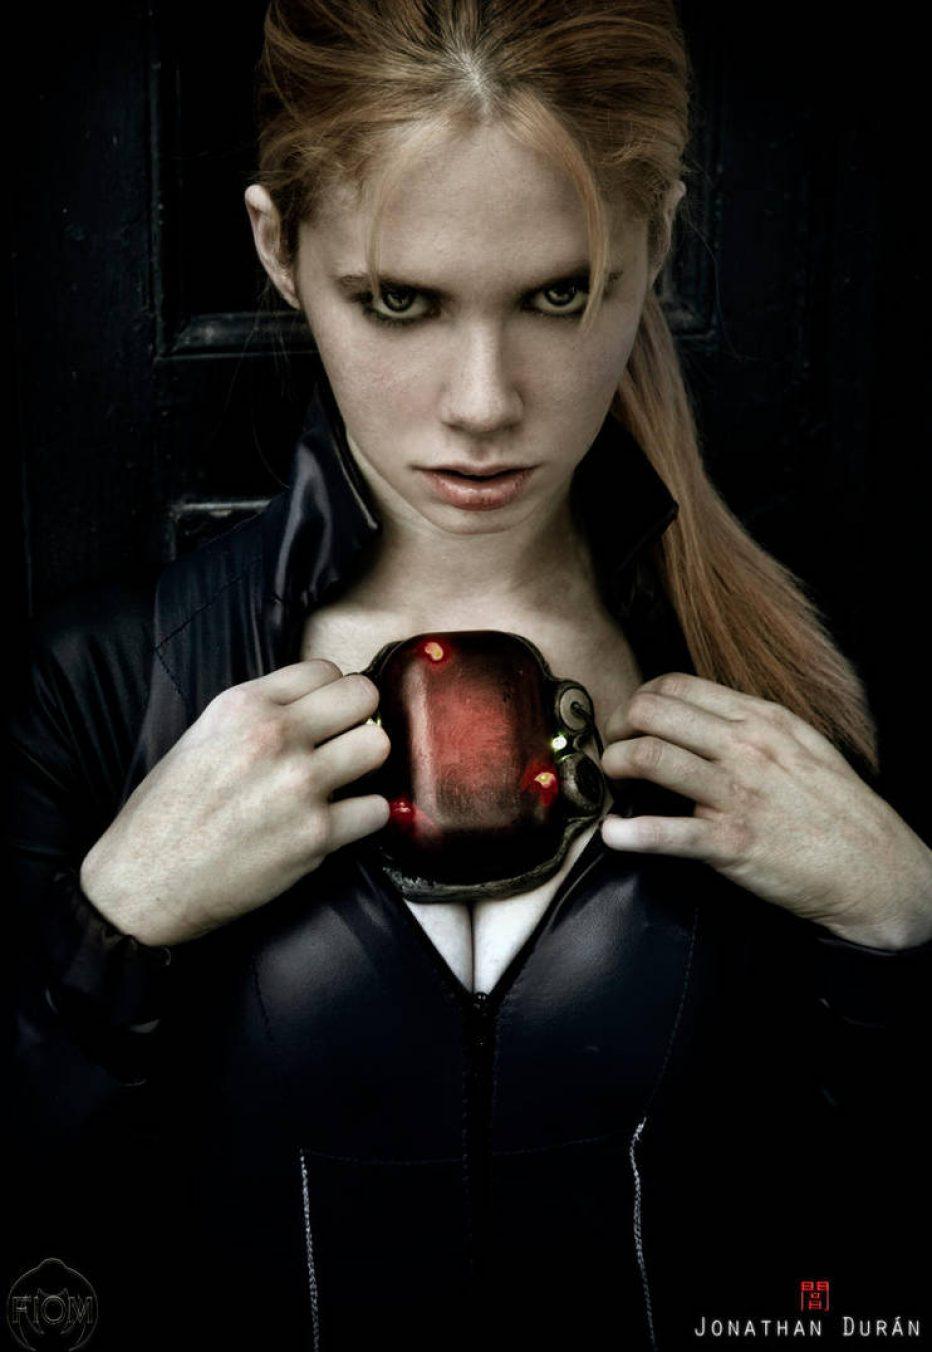 Resident-Evil-5-Jill-Valentine-Cosplay-Gamers-Heroes-3.jpg